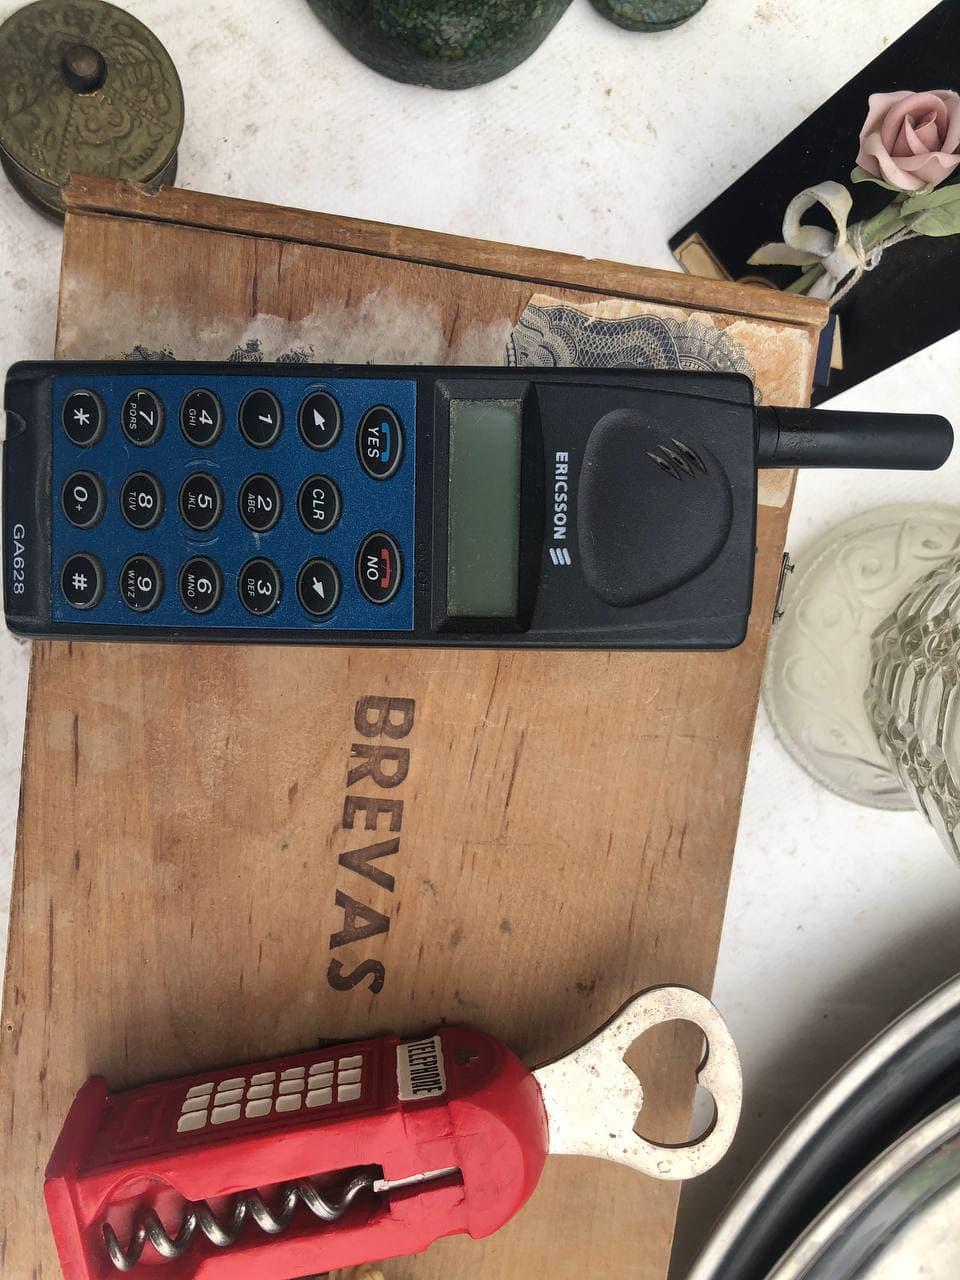 Испанская барахолка камеры, старые сотовые телефоны и очень старые ноутбуки